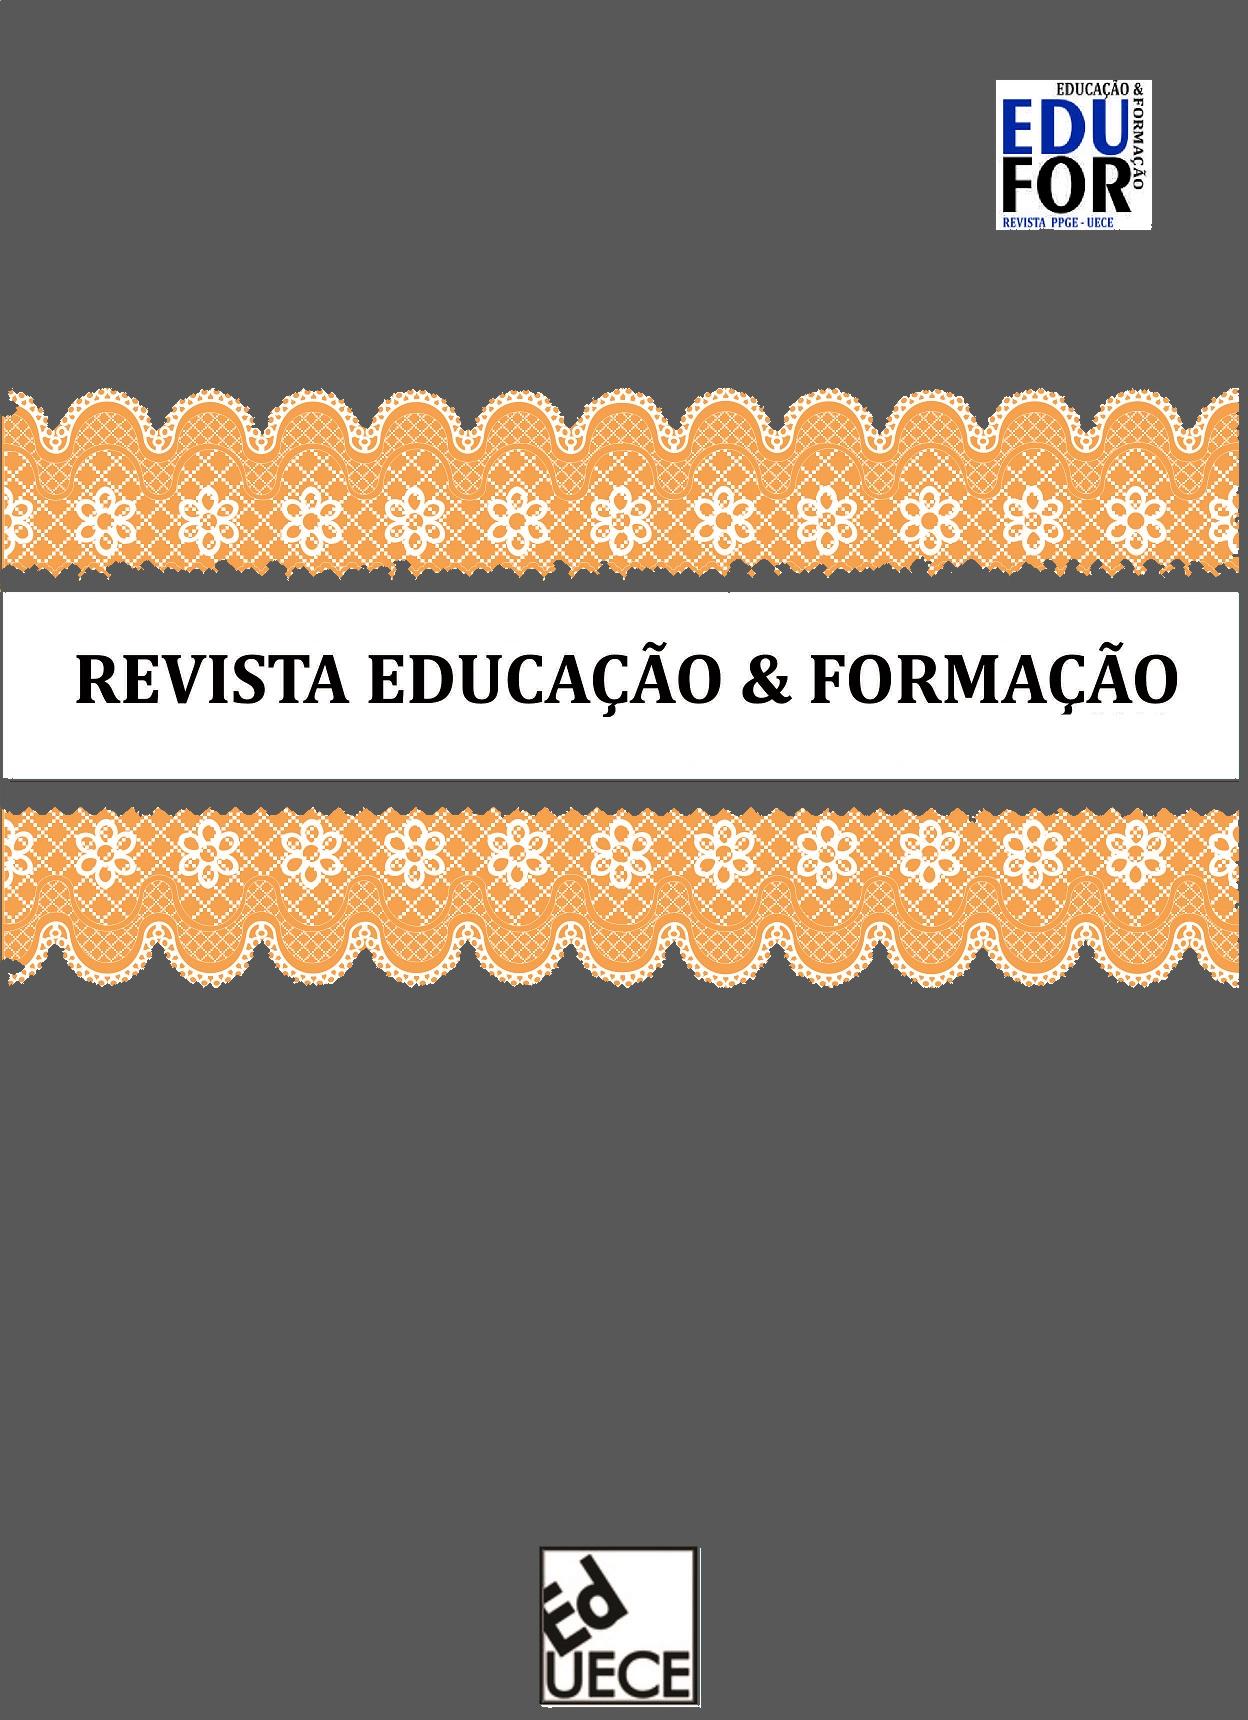 Visualizar v. 6 n. 3 (2021): Educação & Formação